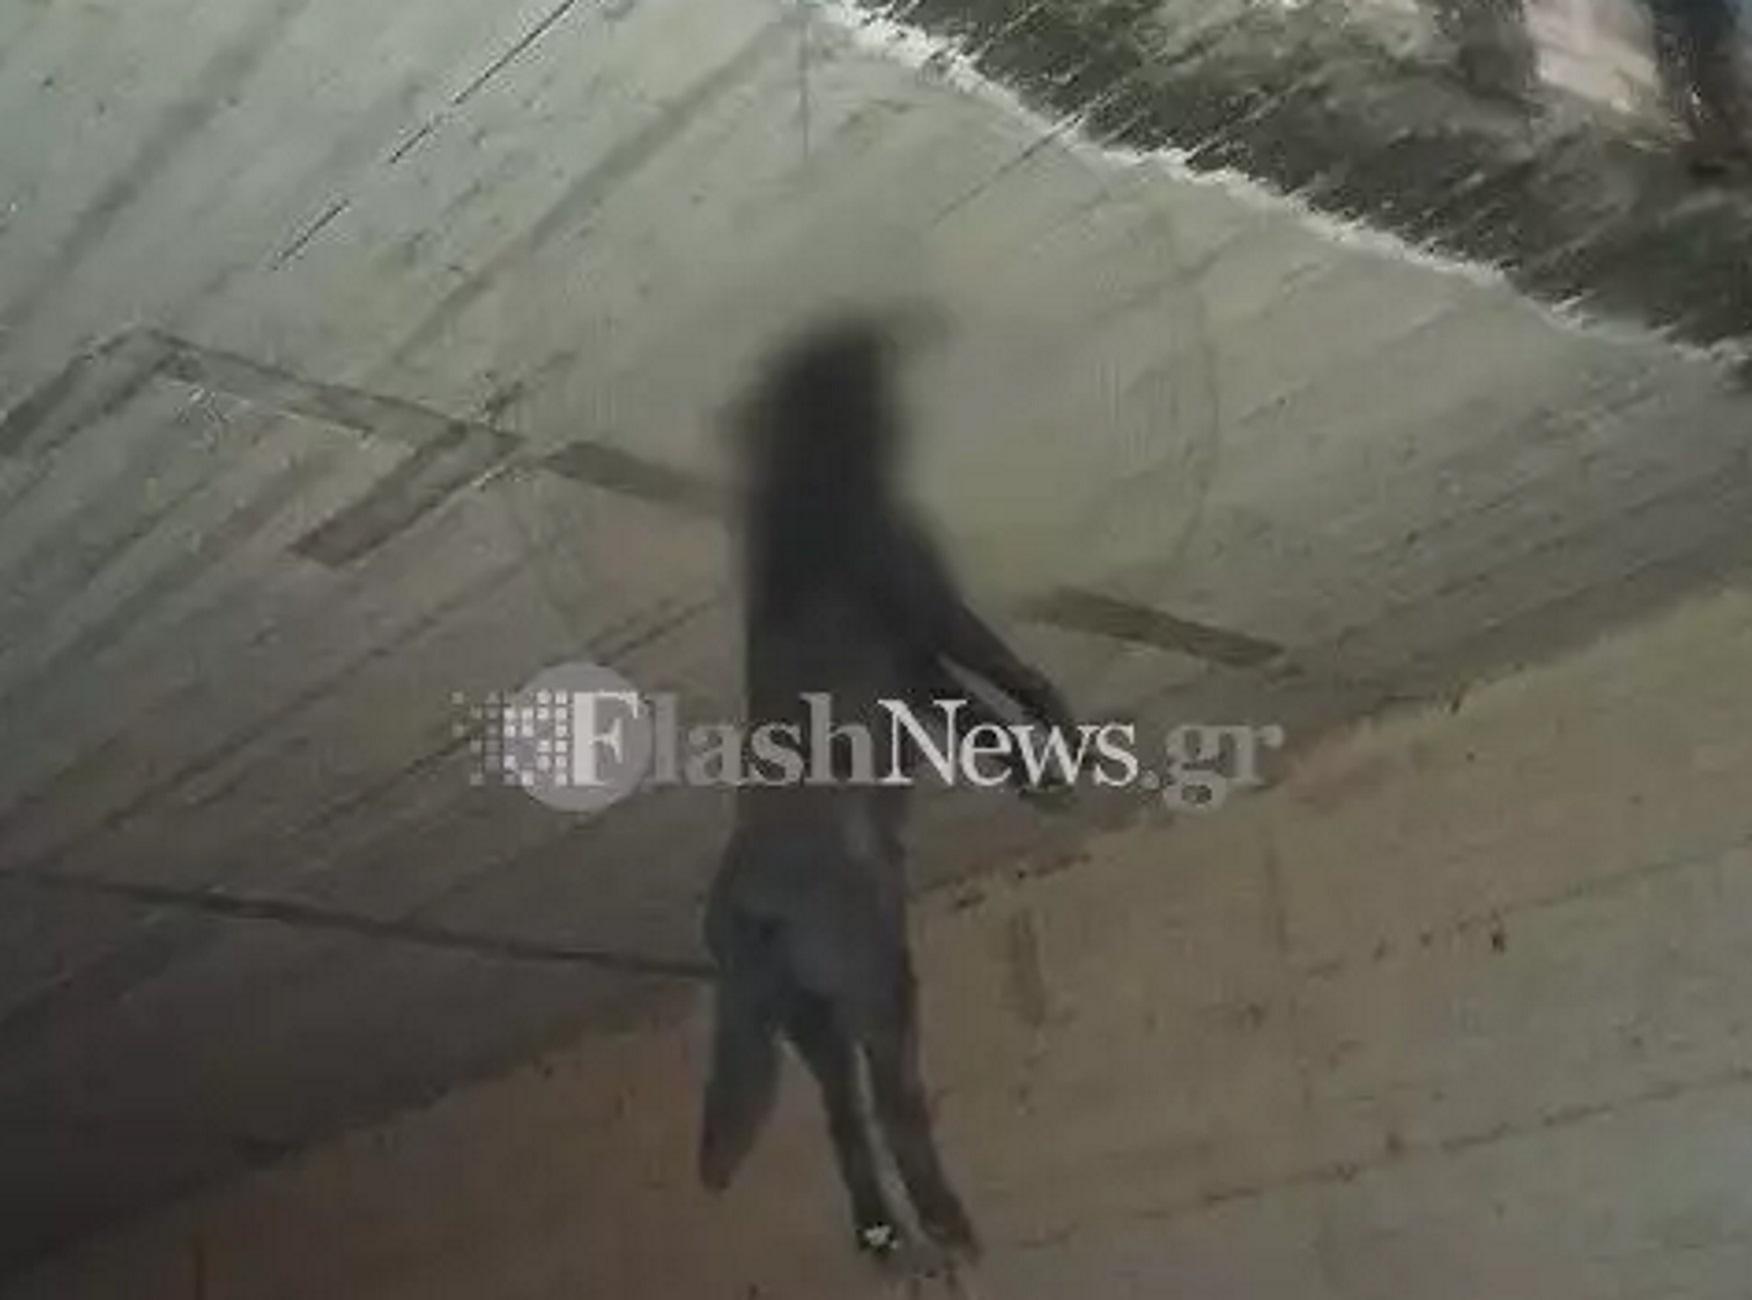 Χανιά: Οι κάμερες έλυσαν το γρίφο της αδιανόητης κτηνωδίας – Ποιος κρέμασε τον σκύλο σε γέφυρα (video)